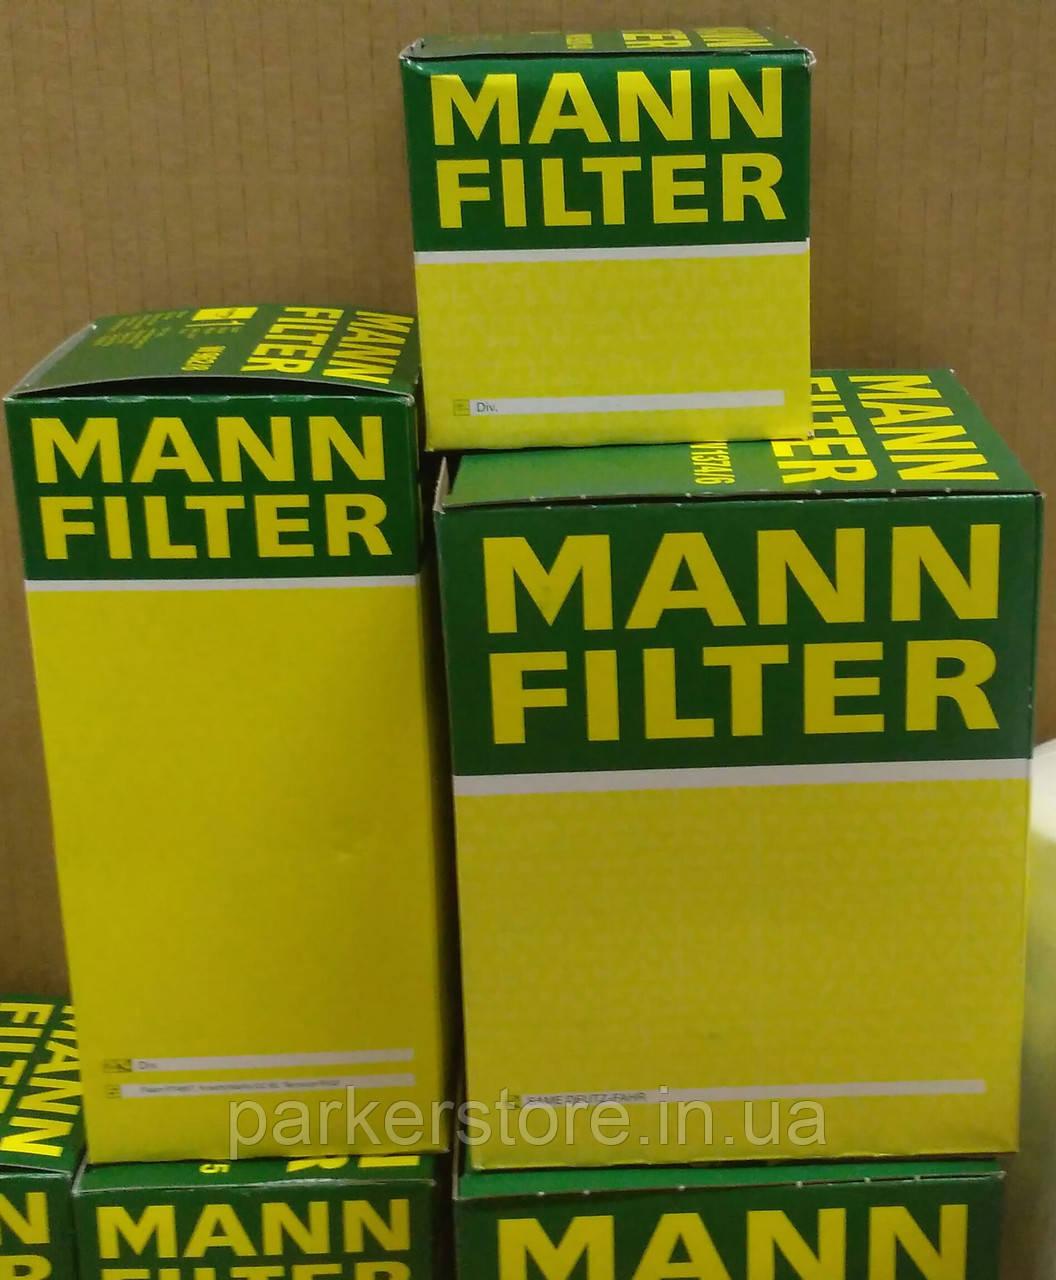 MANN FILTER / Воздушный фильтр / C 28 105 / C28105